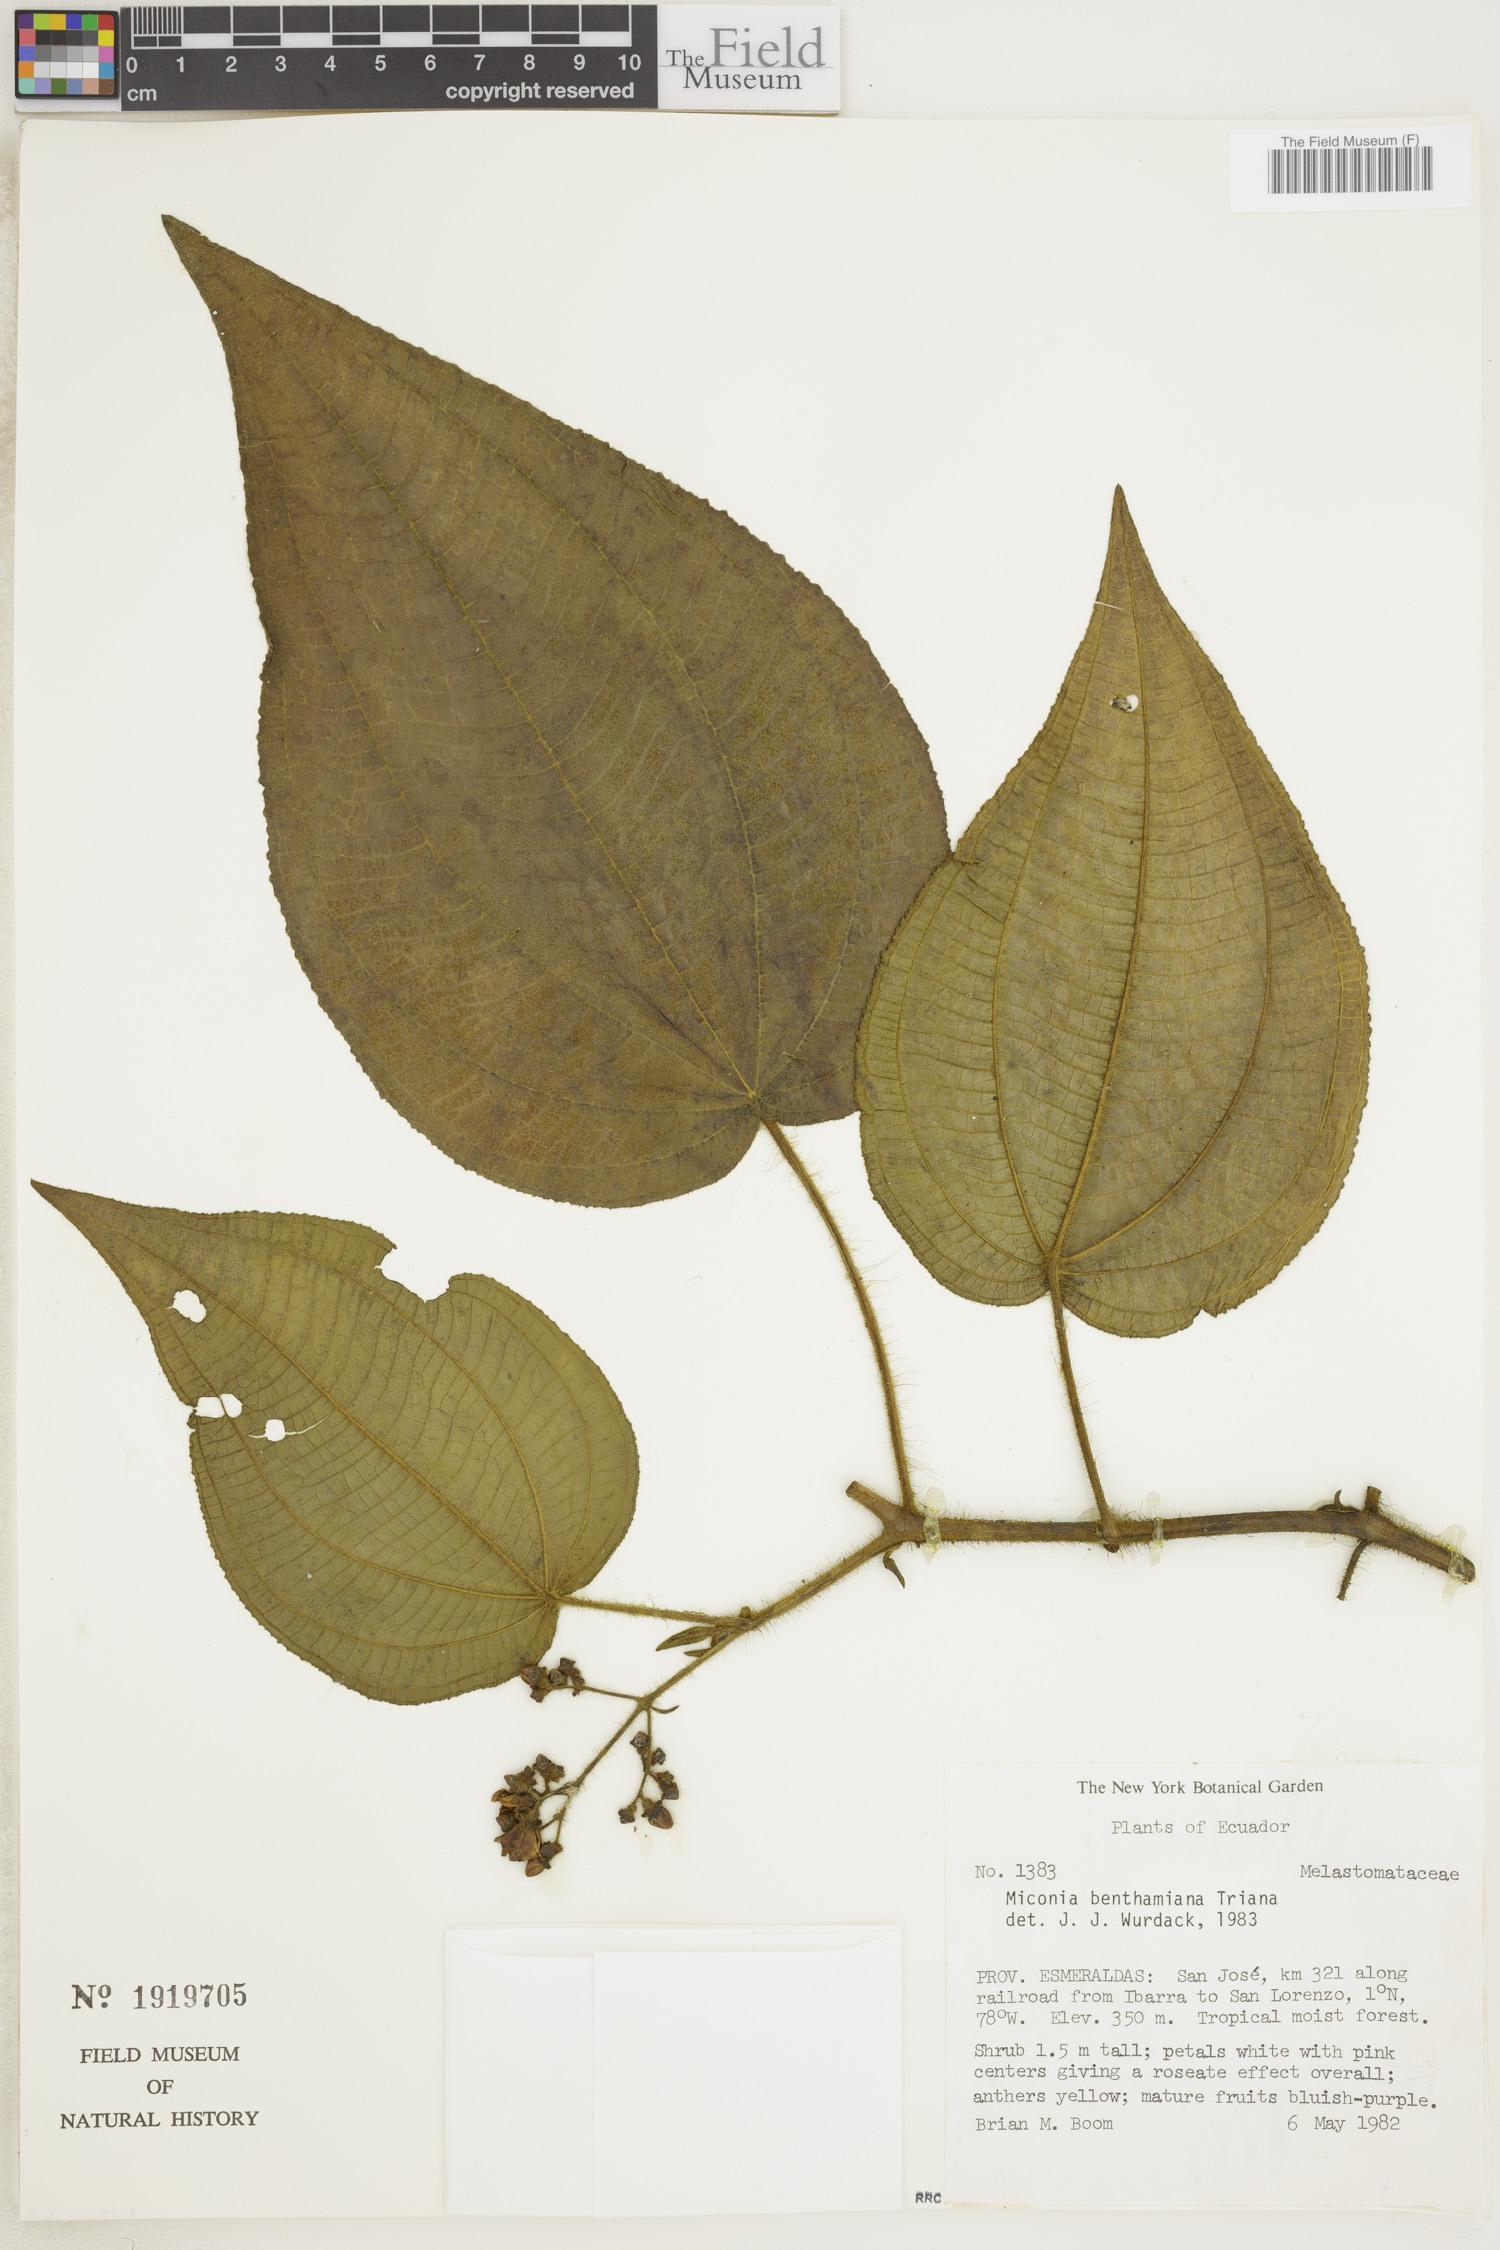 Miconia benthamiana image